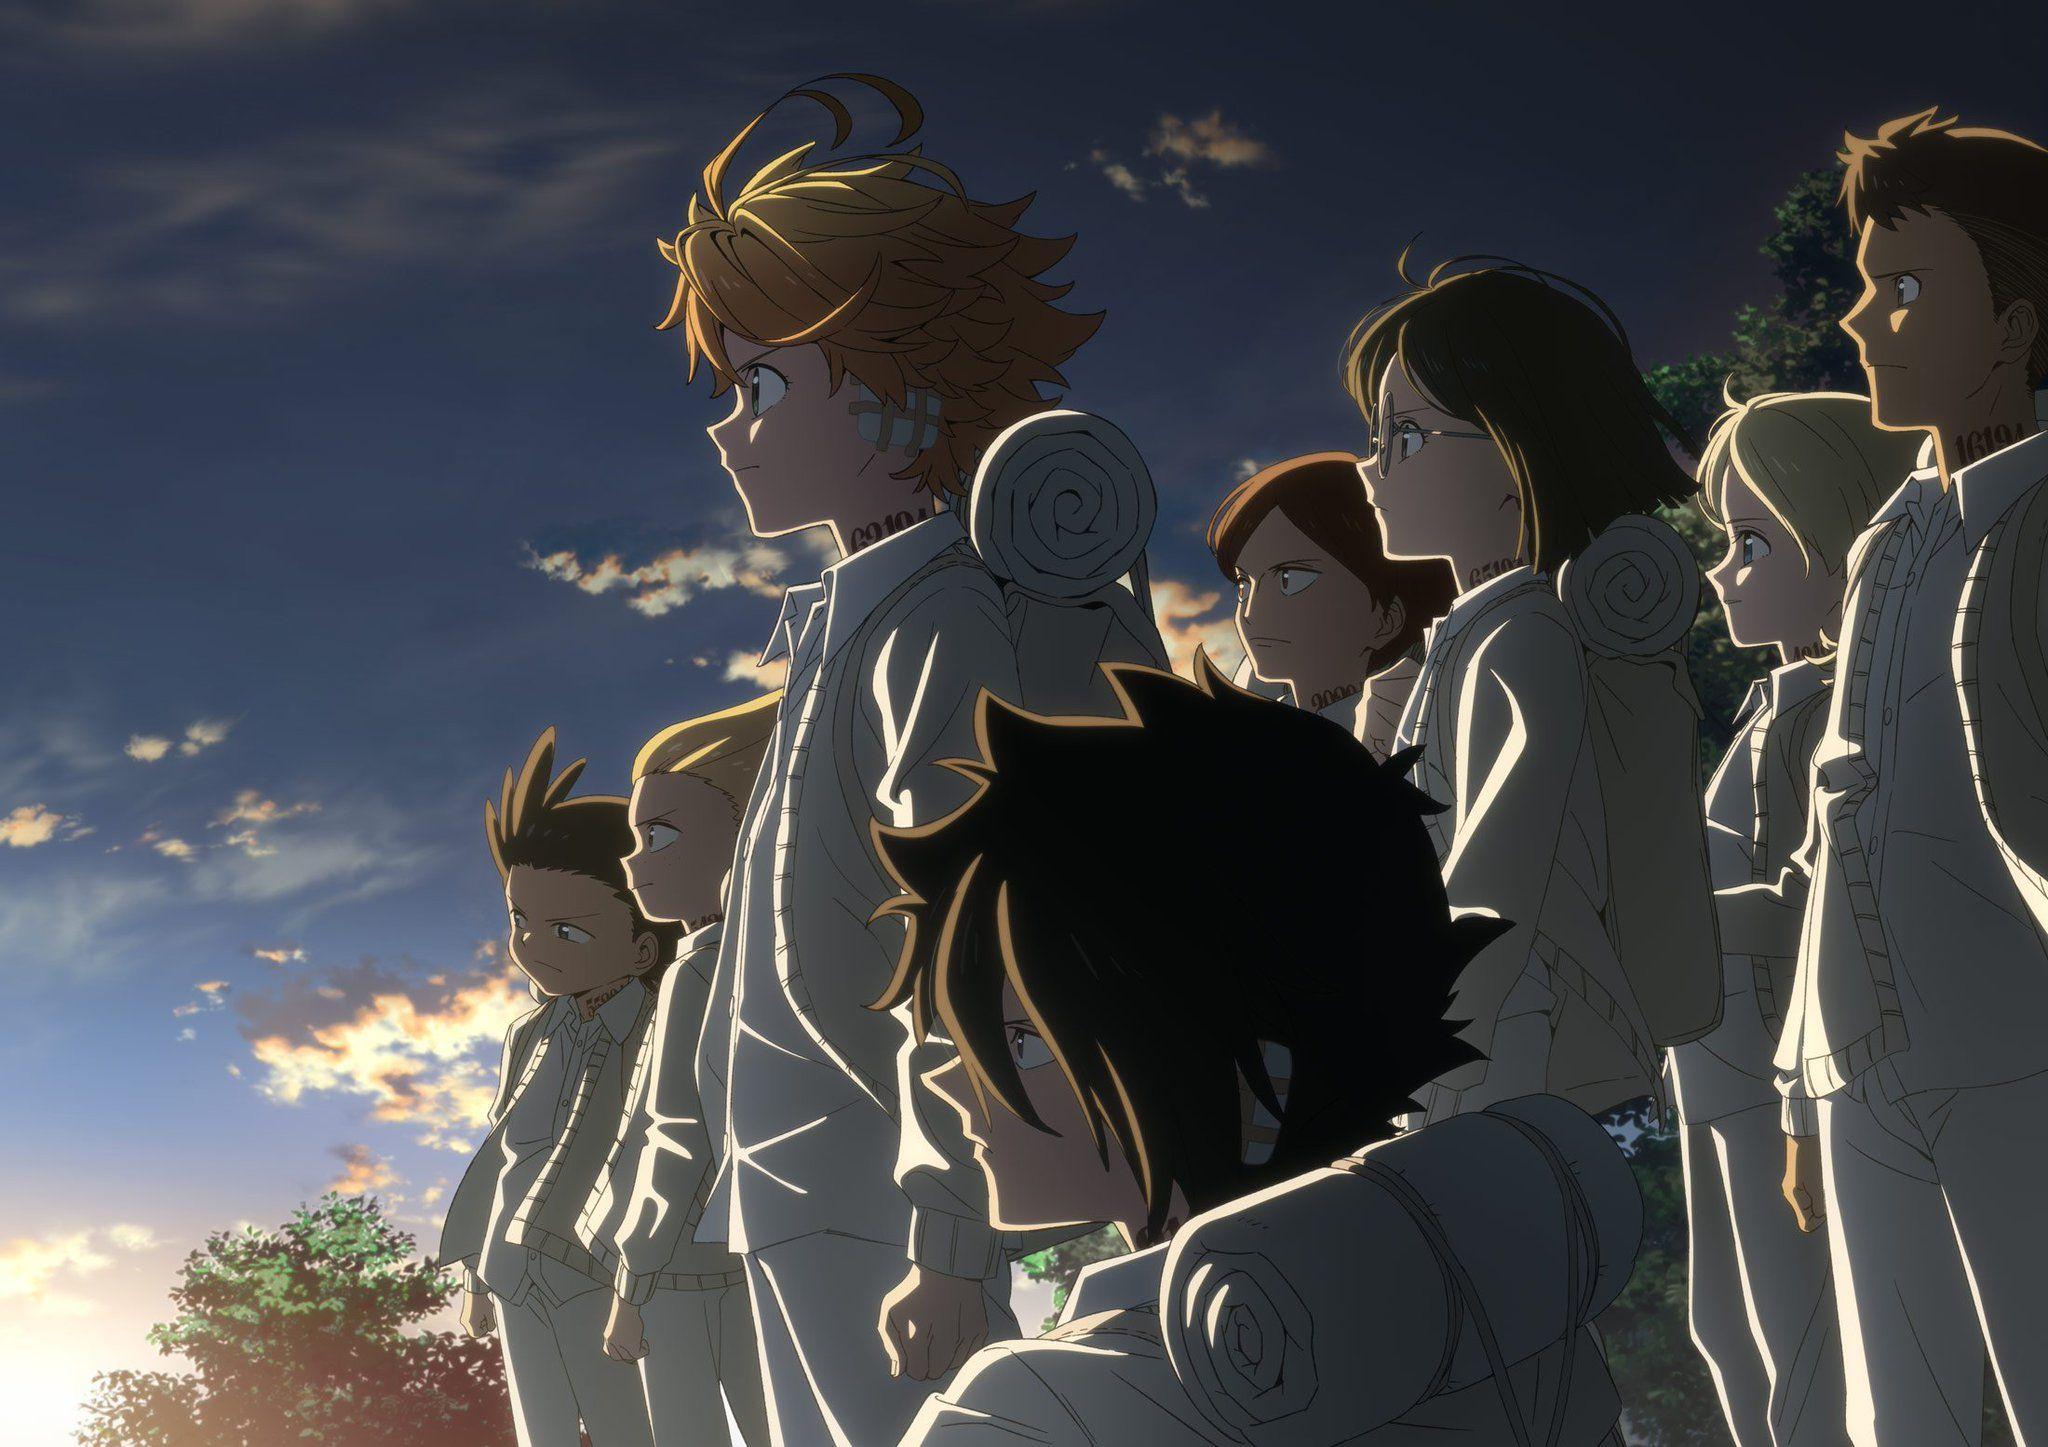 El anime ''The Promised Neverland Season 2'', es desvelada